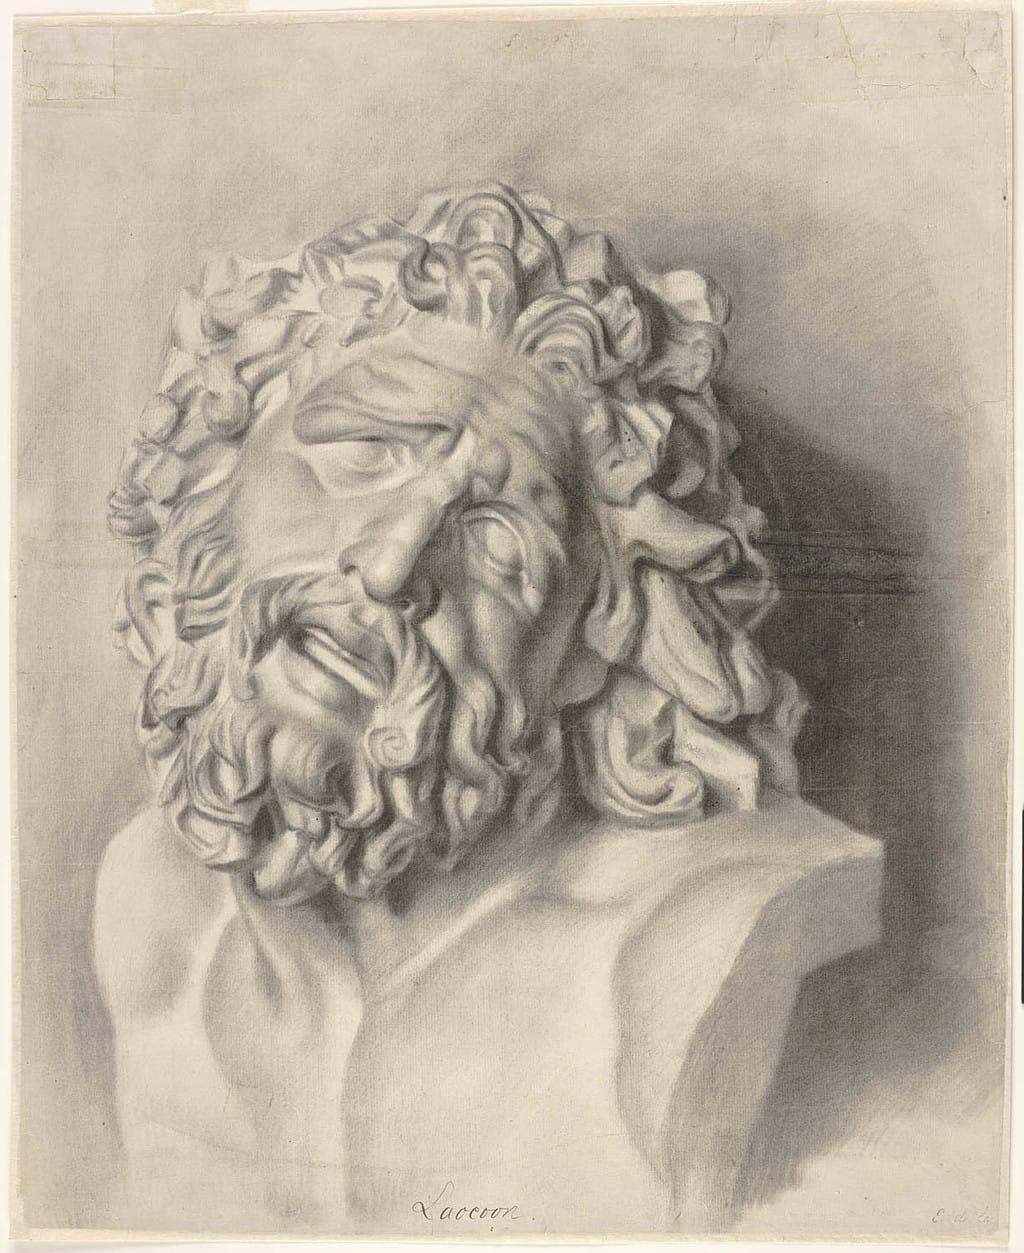 Étude du buste du Laocoon d'après le plâtre, vue de face